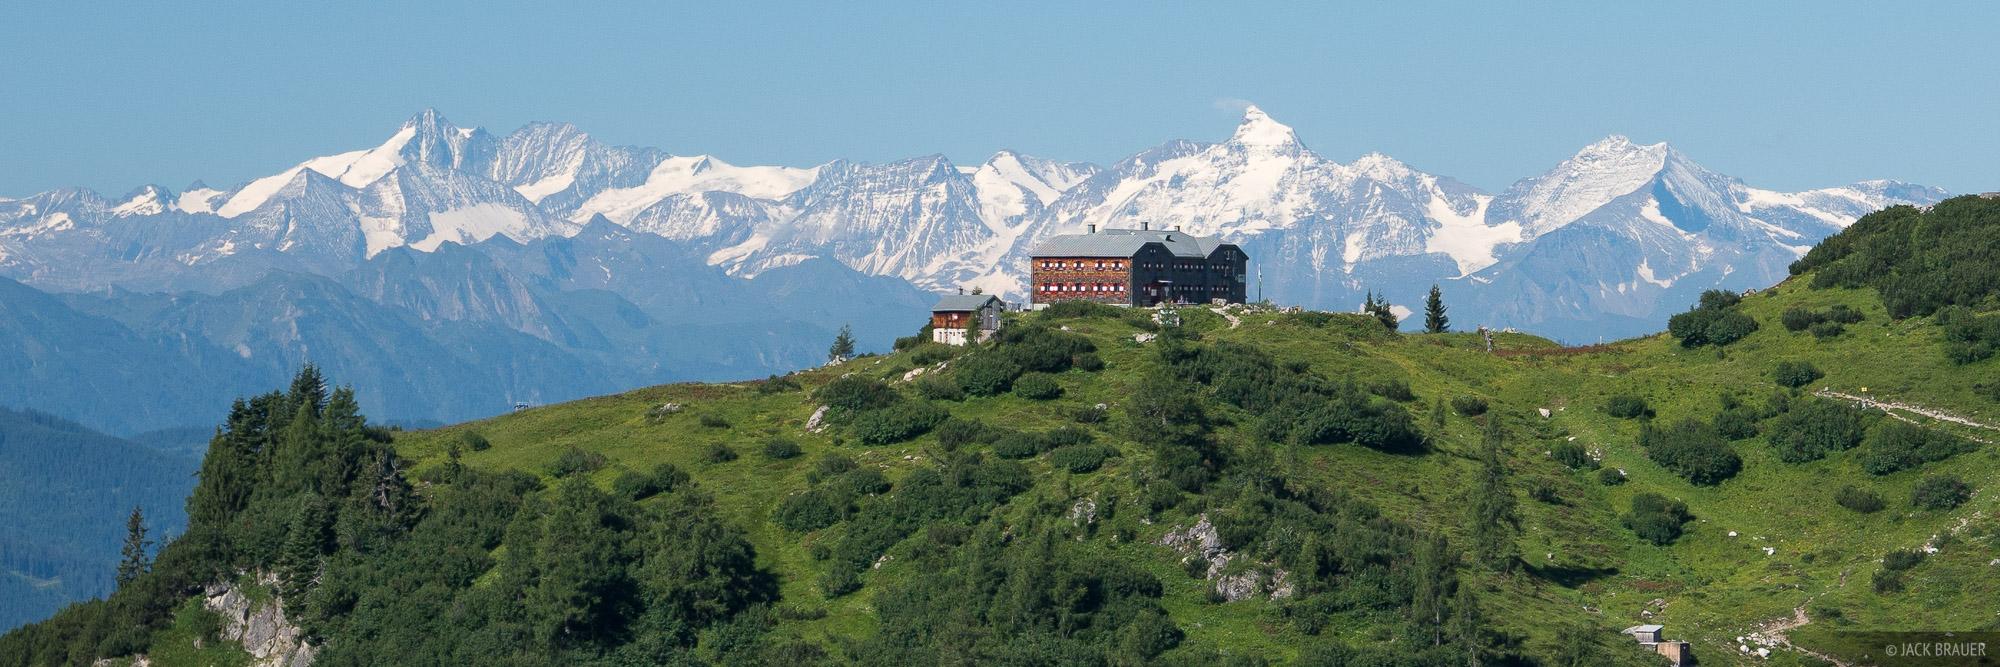 Austria, Dachstein, Hofpürglhütte, hut, photo